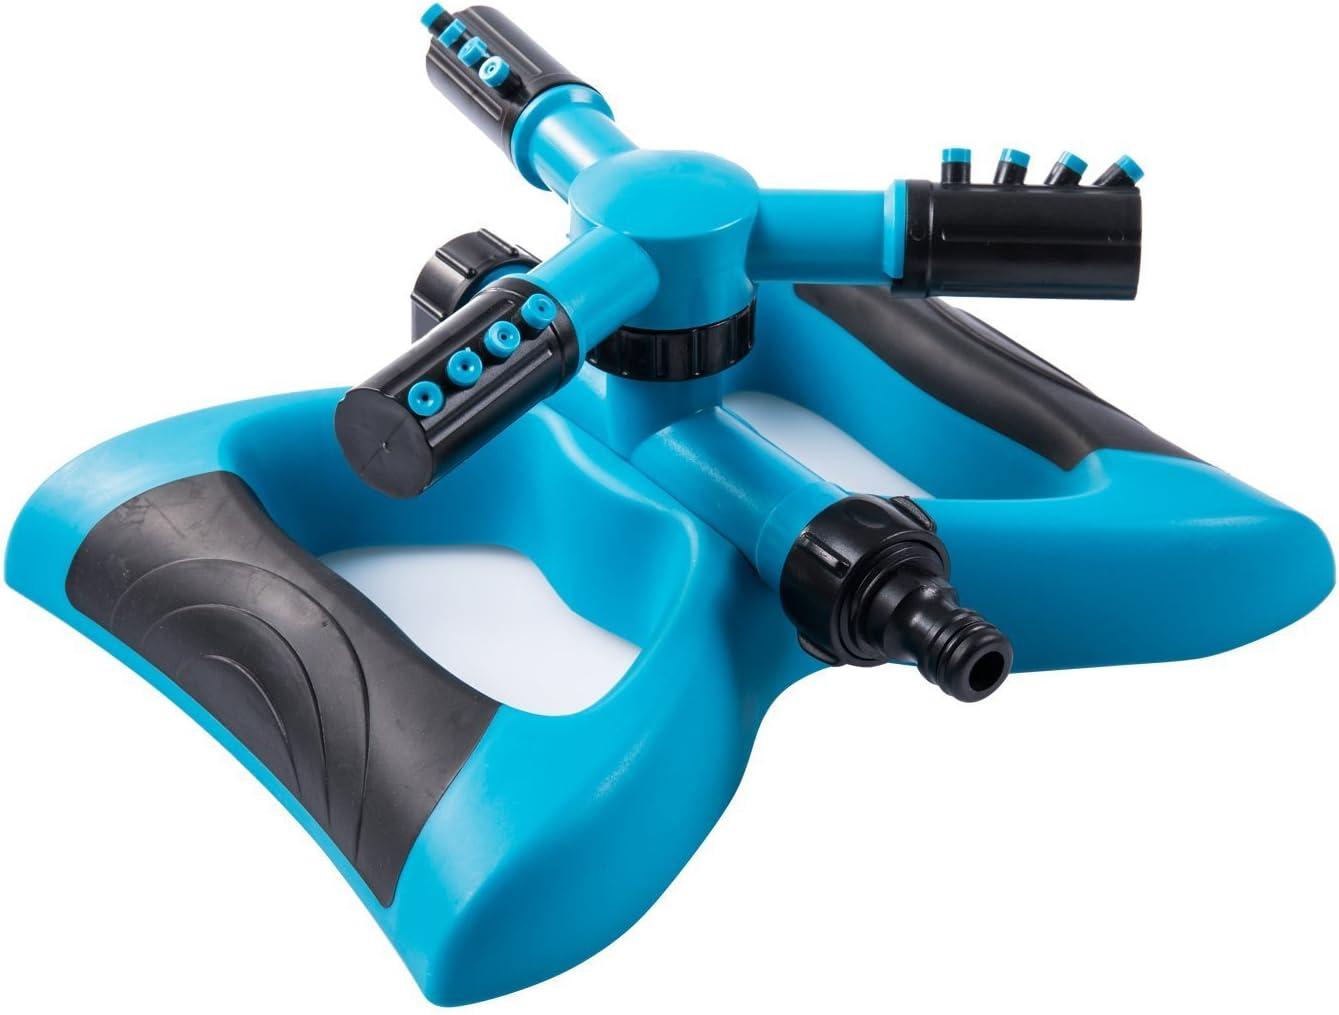 登場大人気アイテム 直輸入品激安 Lawn Sprinkler Automatic Garden Wa Water Rotating 360